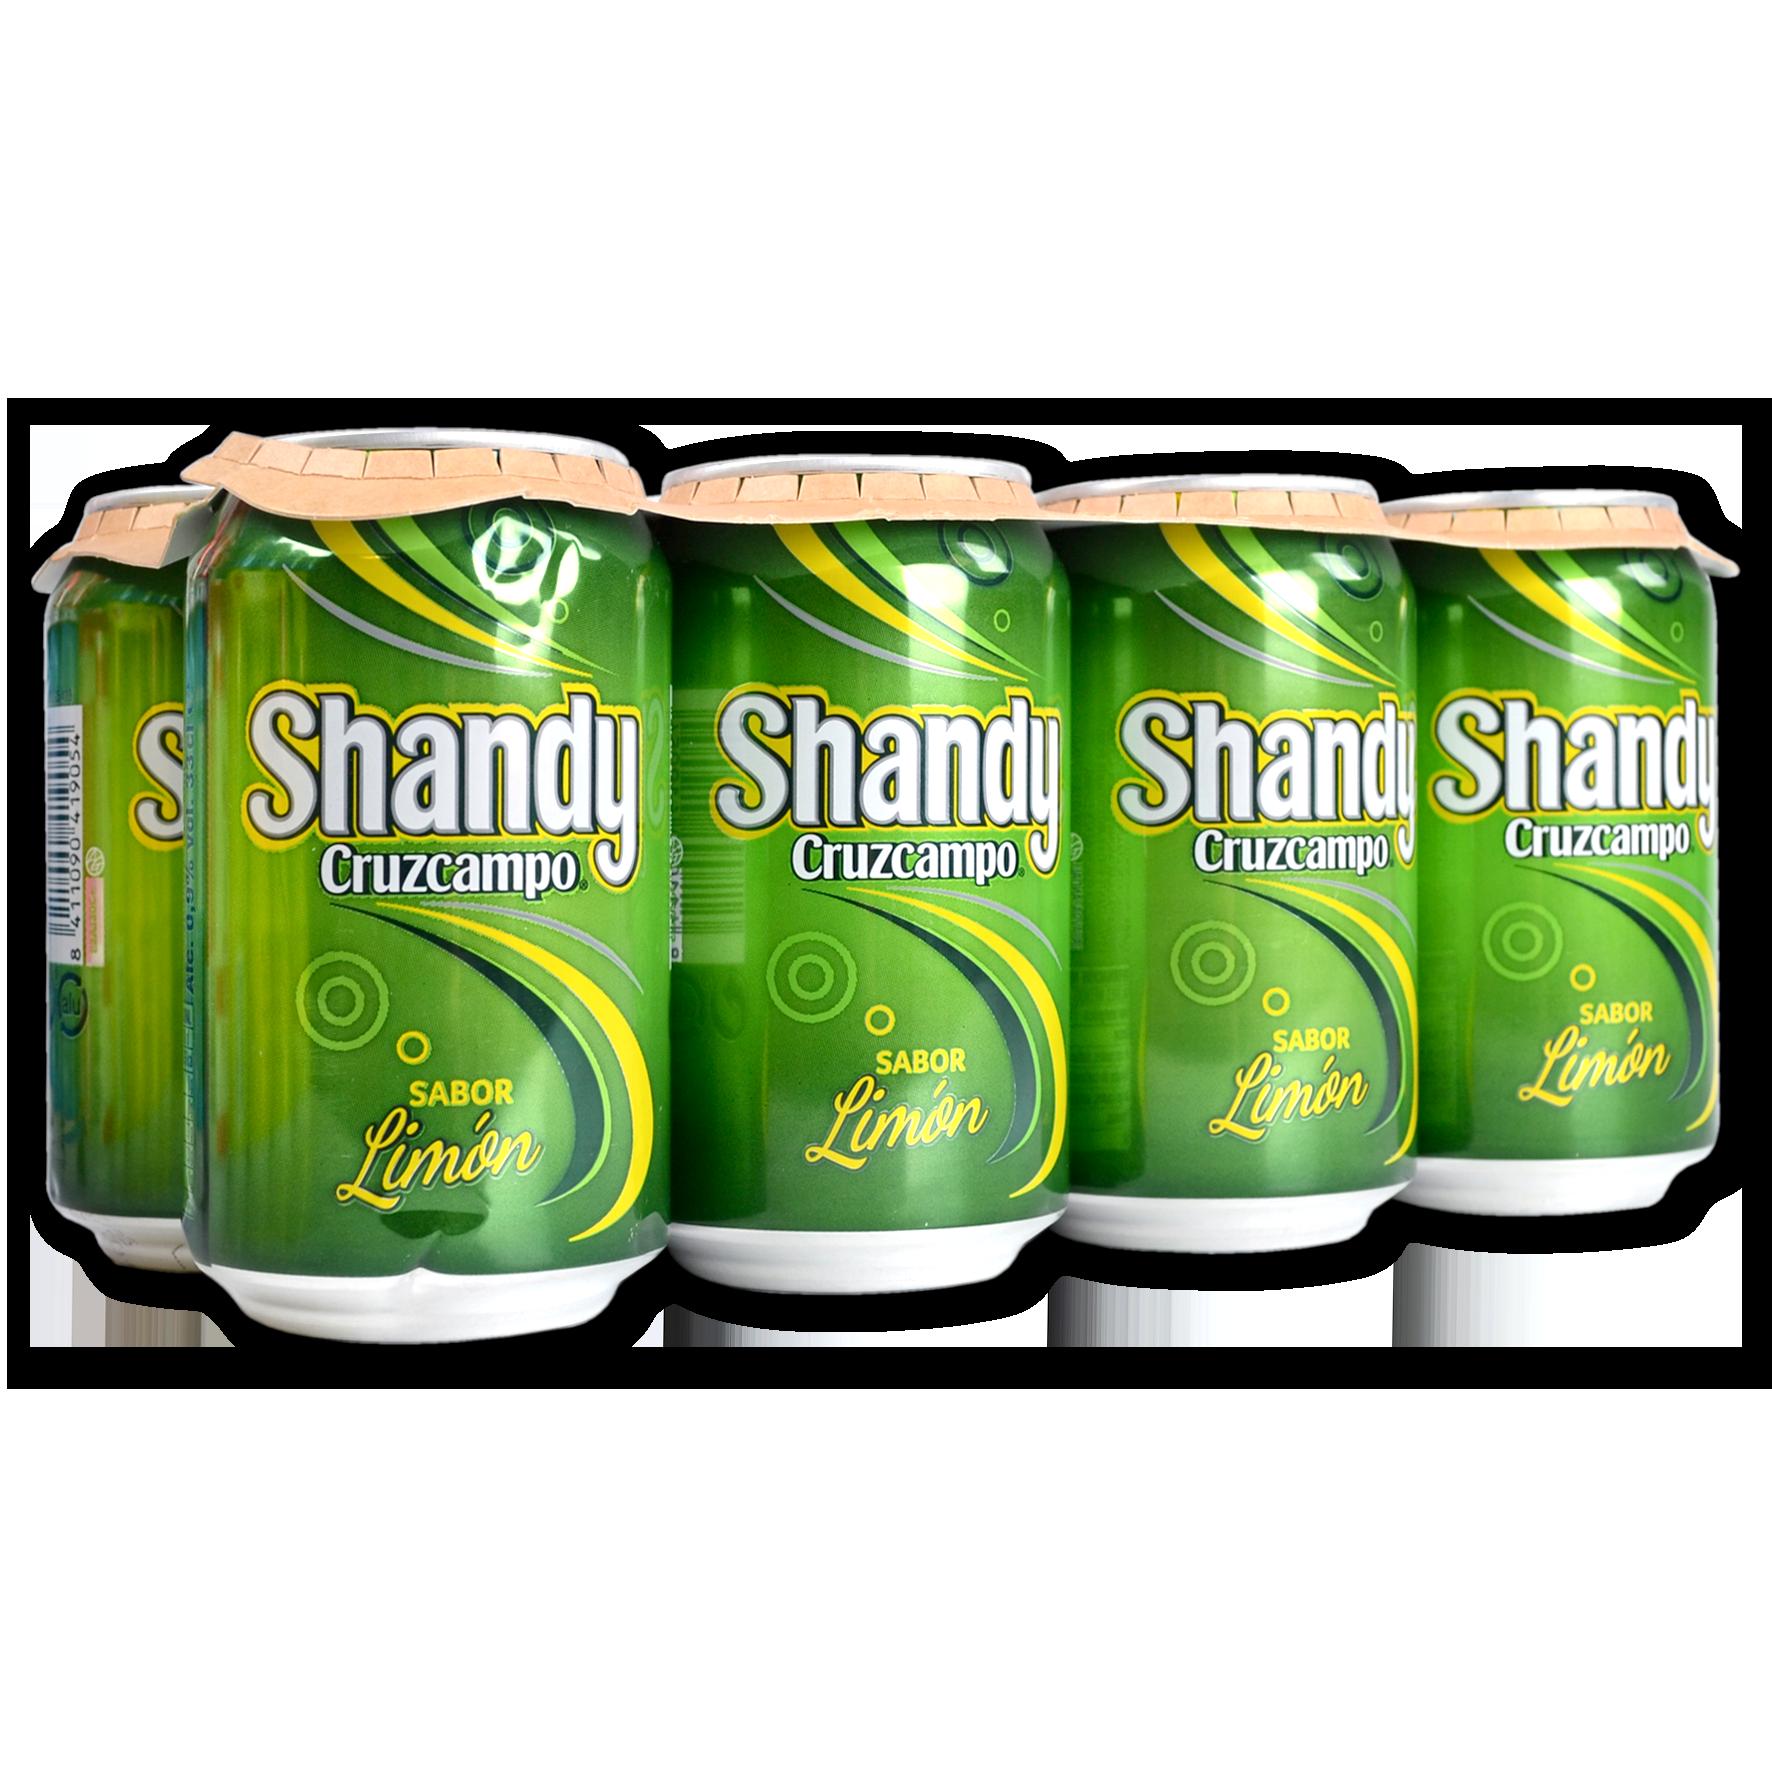 Cervesa shandy sabor llimona Cruzcampo paq. 8 llaunes sleek